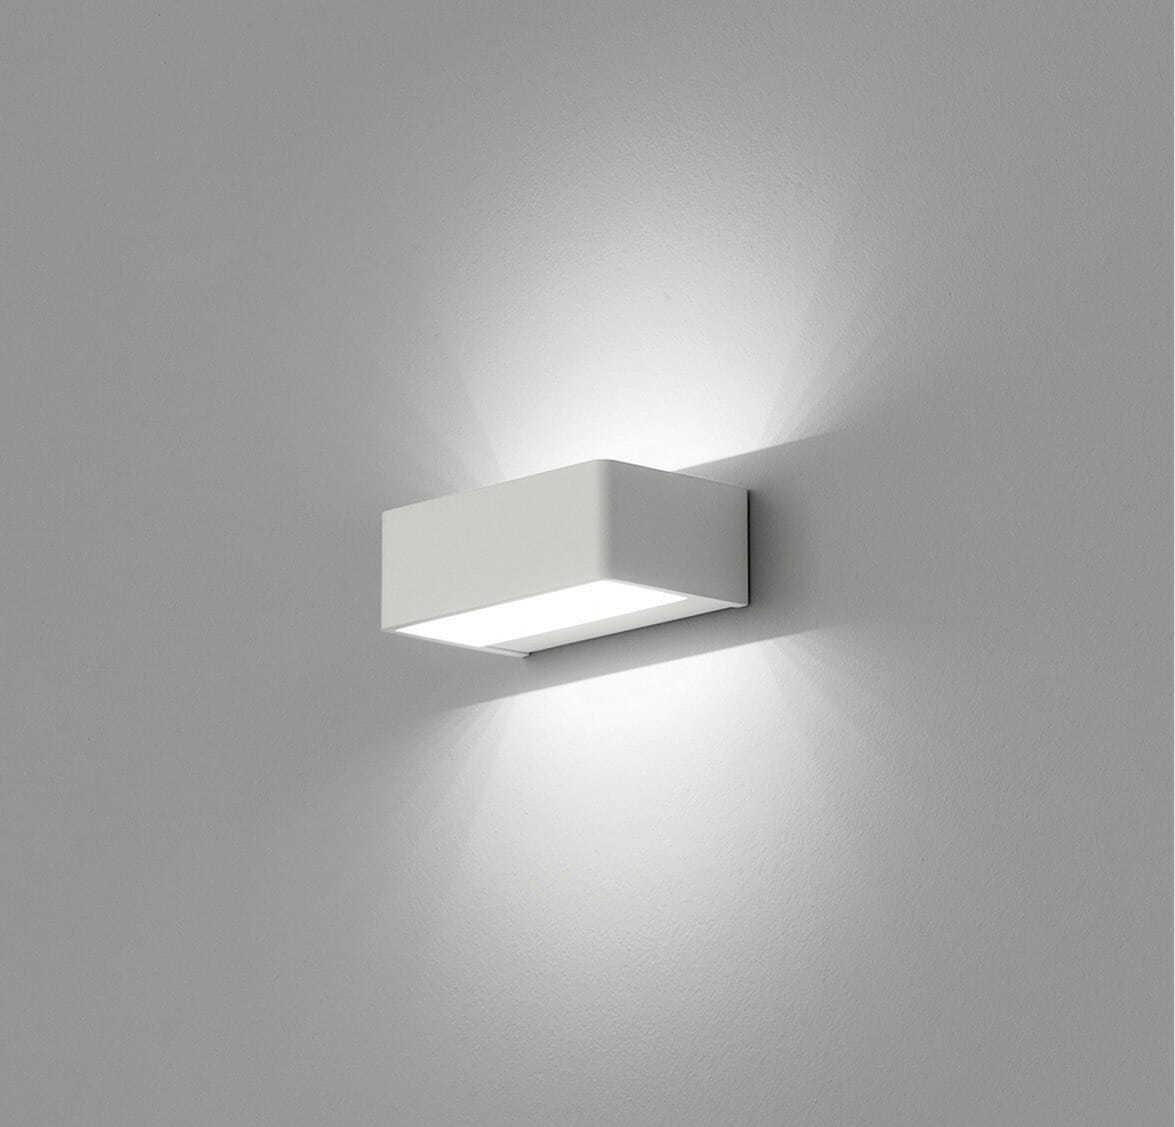 Lampade da parete moderne - Lampade ikea da parete ...